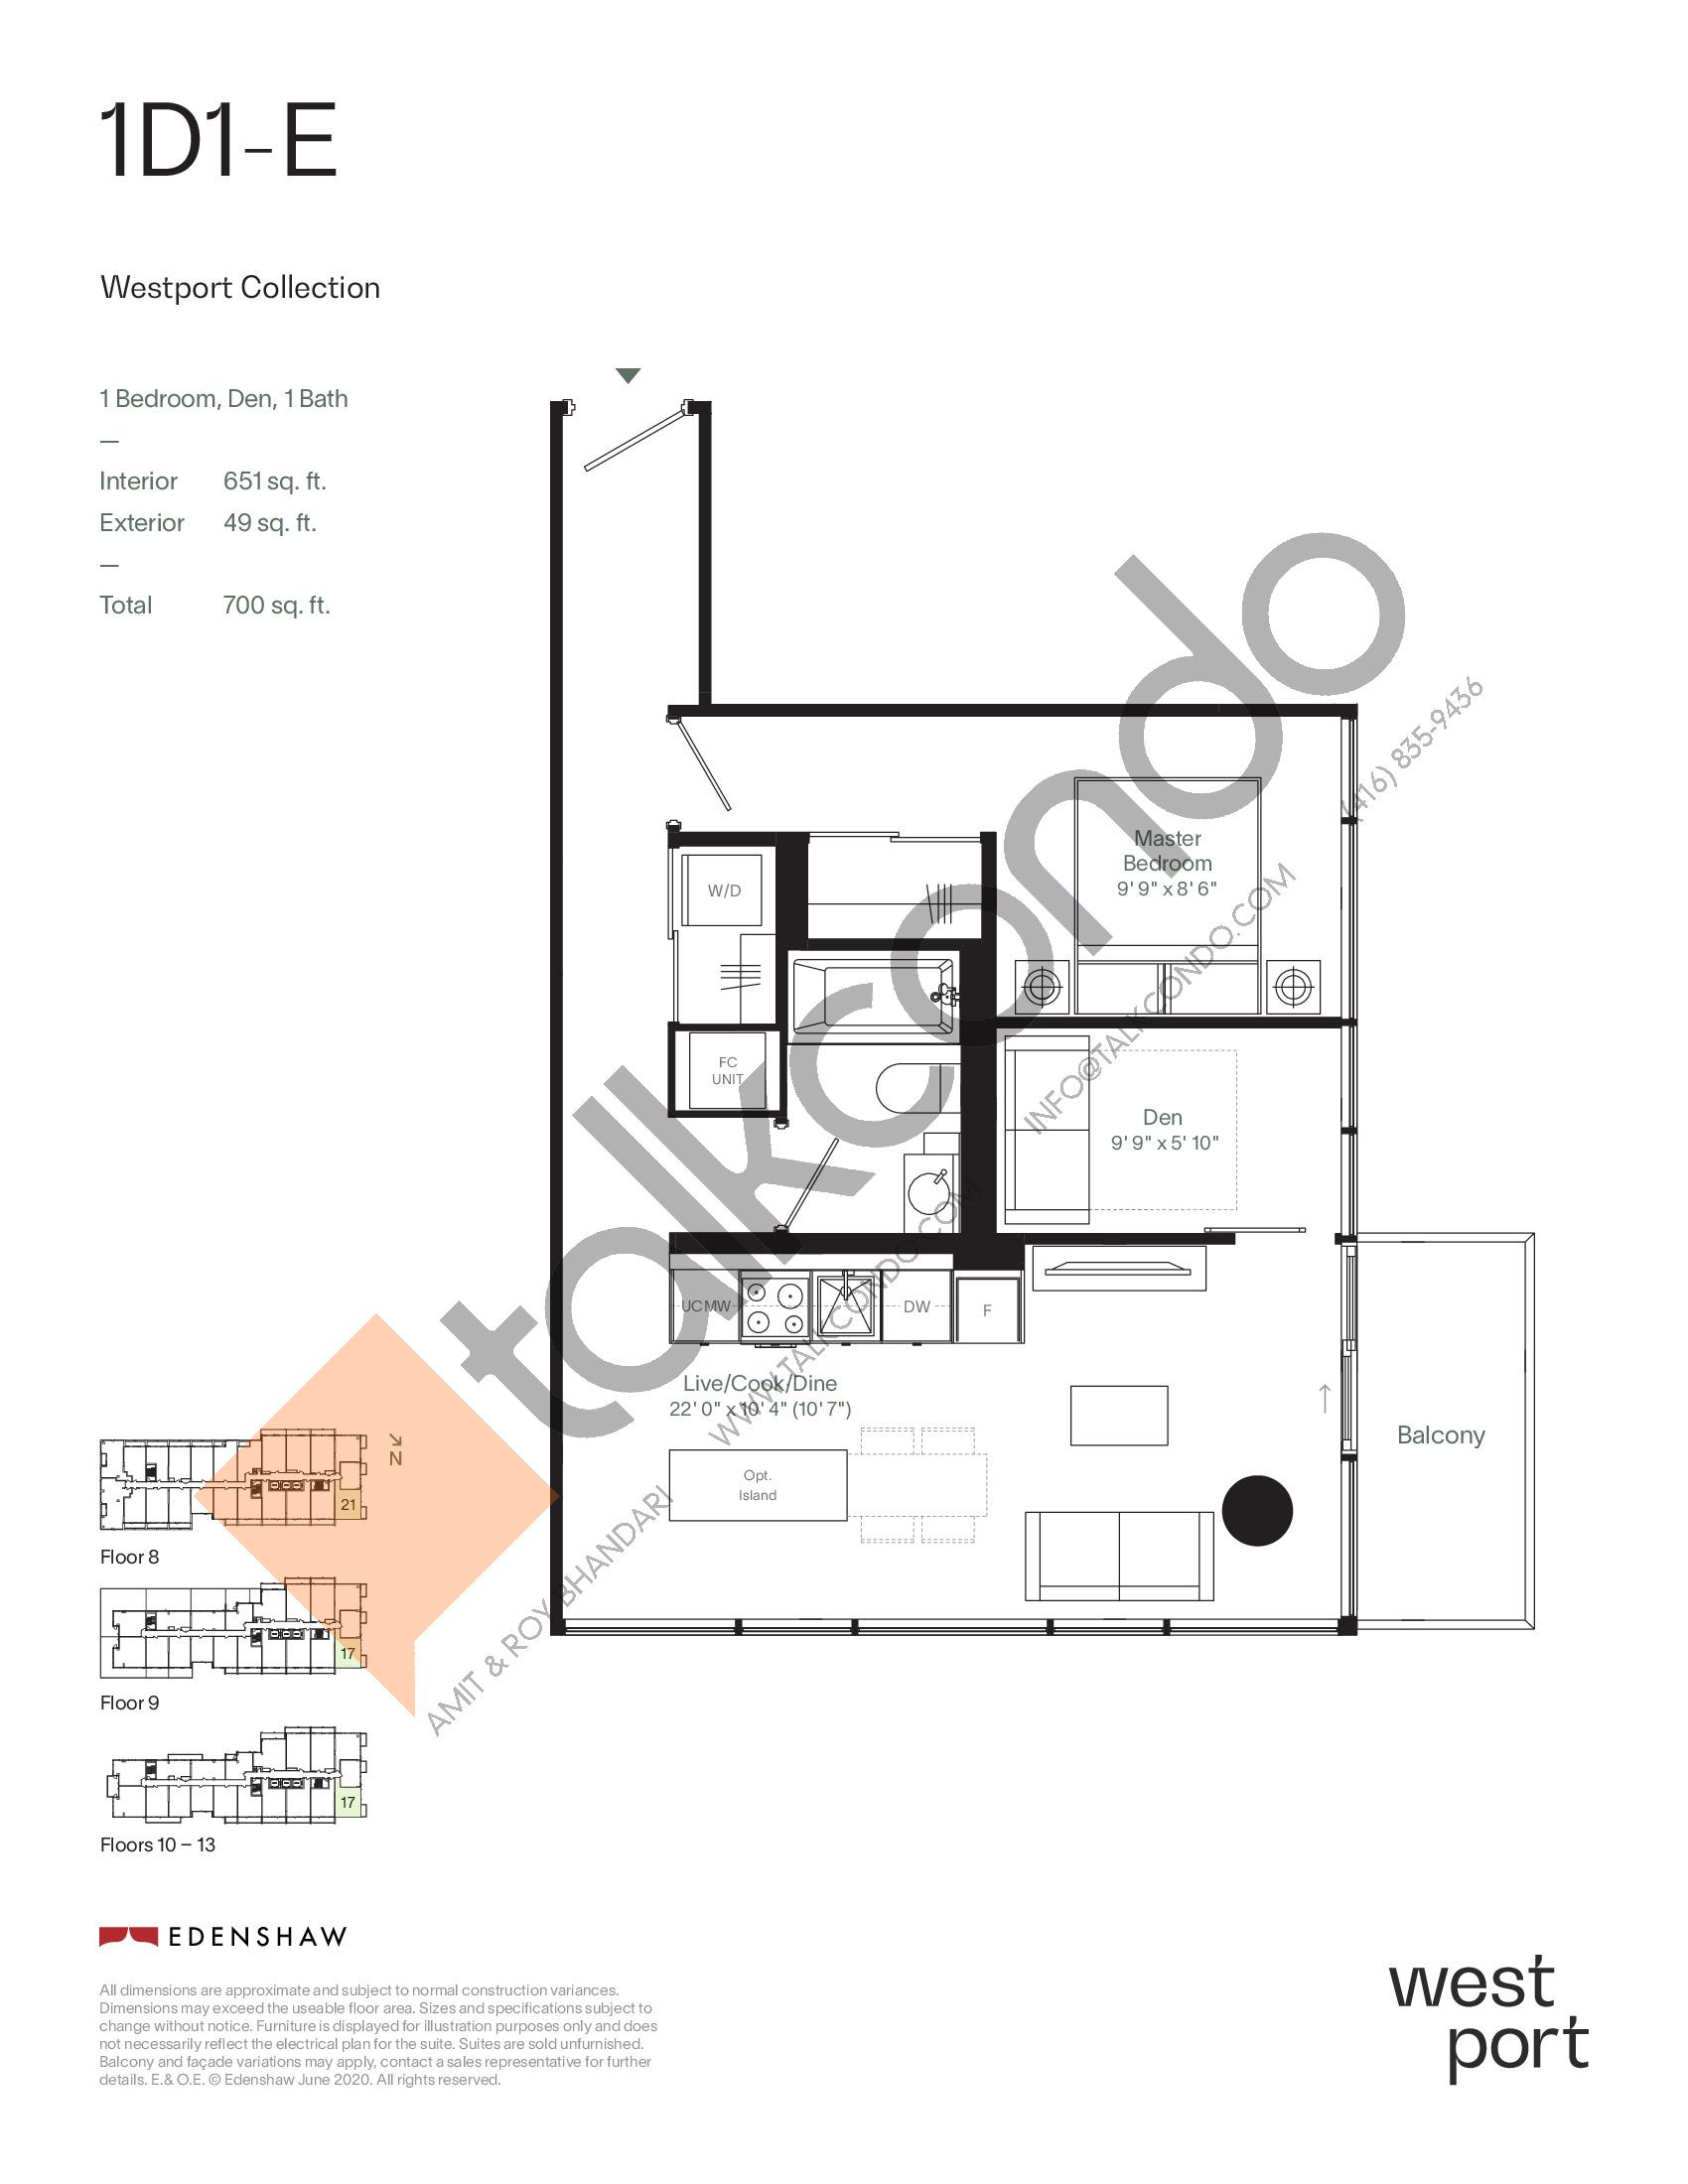 1D1-E - Westport Collection Floor Plan at Westport Condos - 651 sq.ft